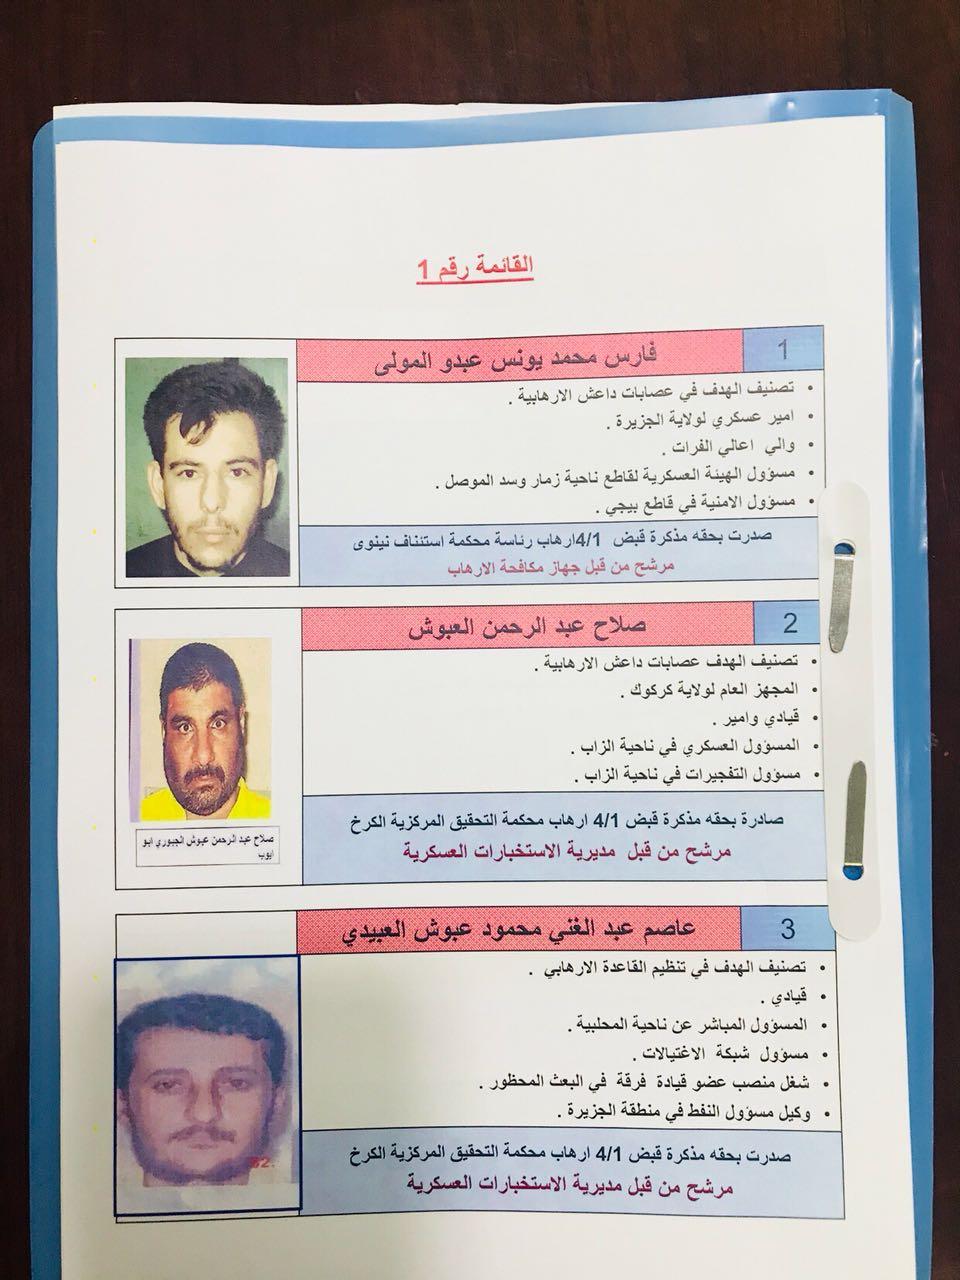 بالوثائق.. اسماء المطلوبين للحكومة العراقية